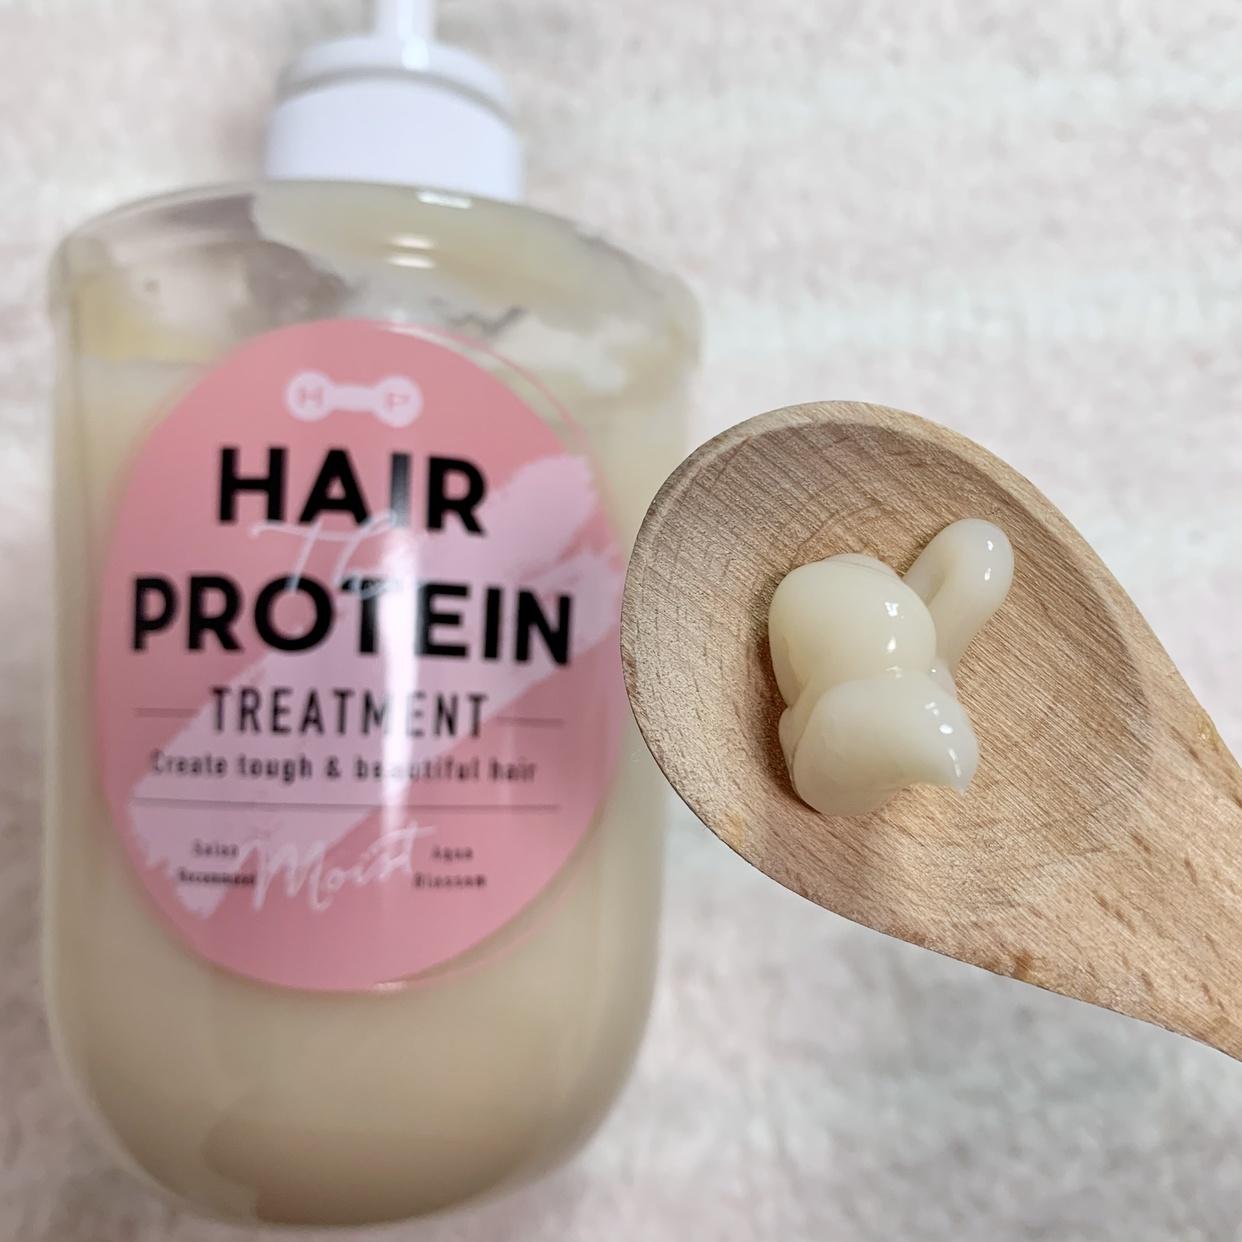 Hair The Protein(ヘアザプロテイン) モイストヘアトリートメントを使ったうりむー姉さんさんのクチコミ画像